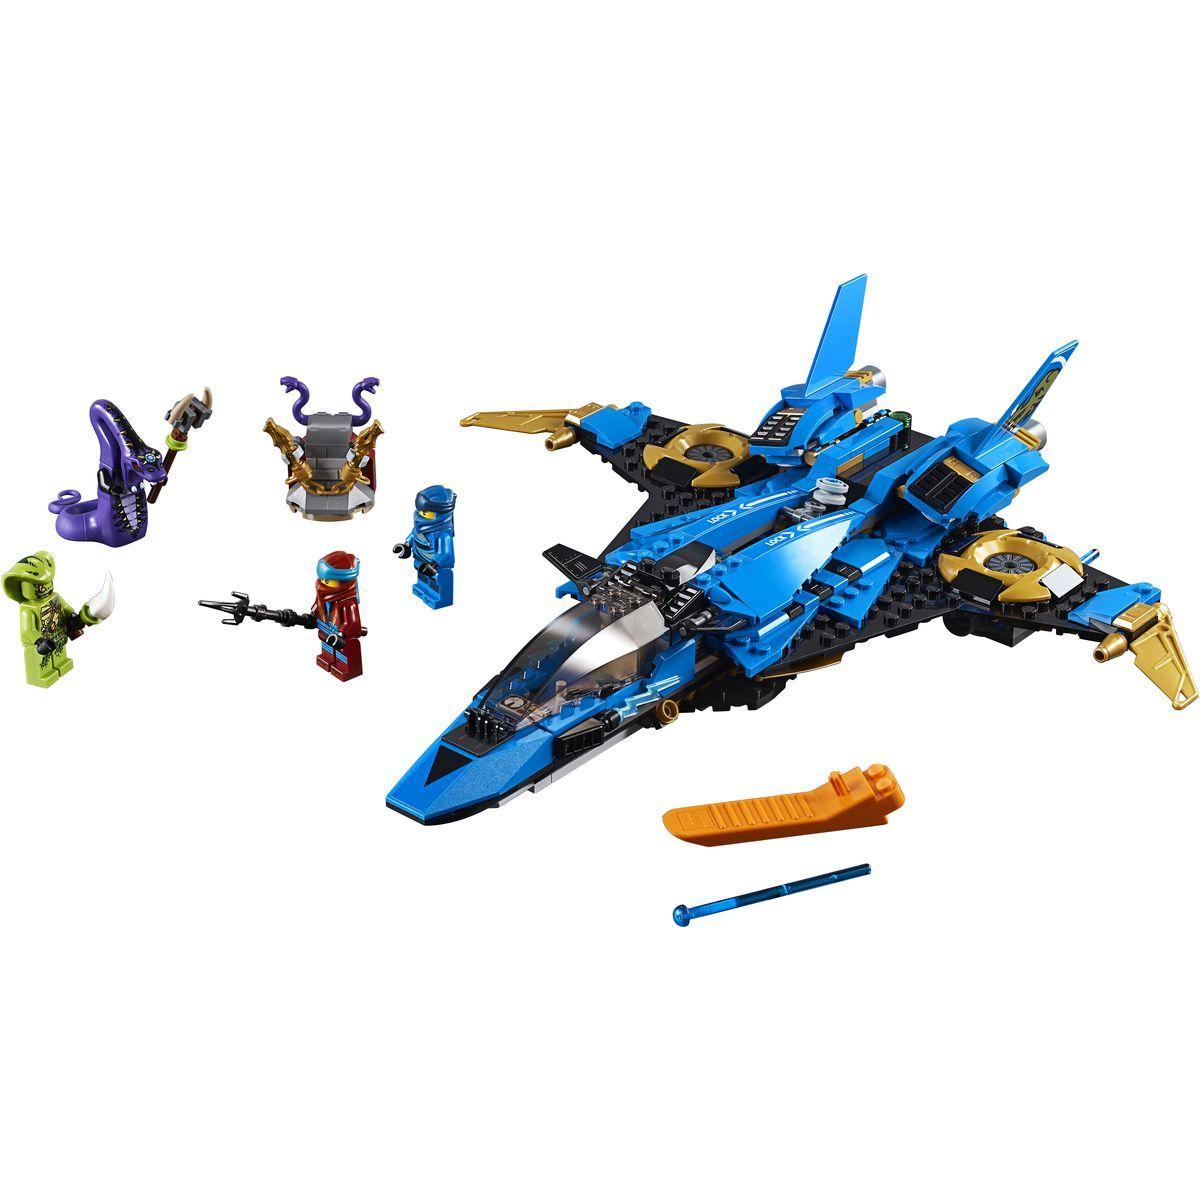 LEGO Ninjago 70668 Jayův bouřkový štít